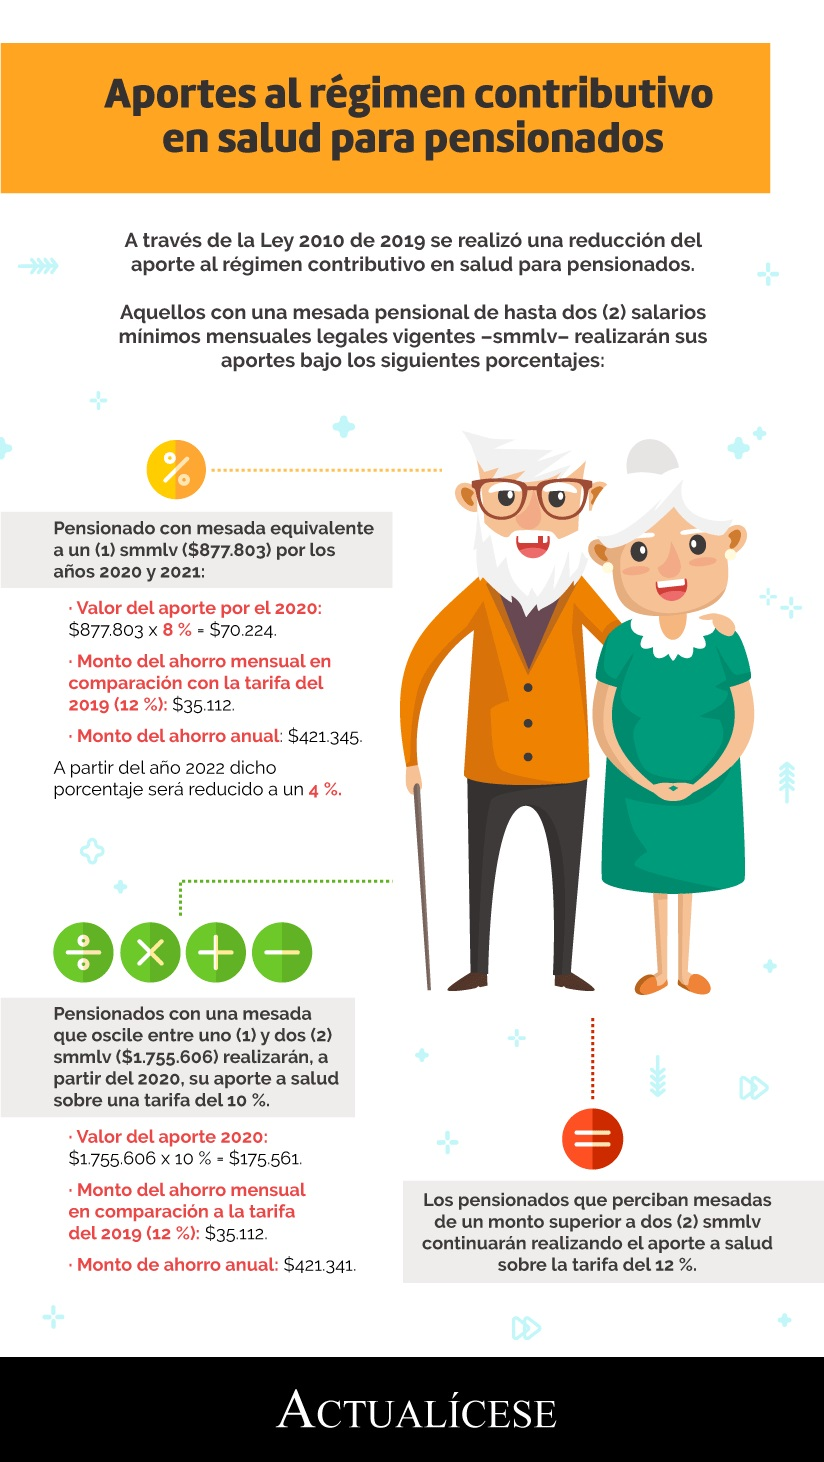 [Infografía] Aportes al régimen contributivo en salud para pensionados